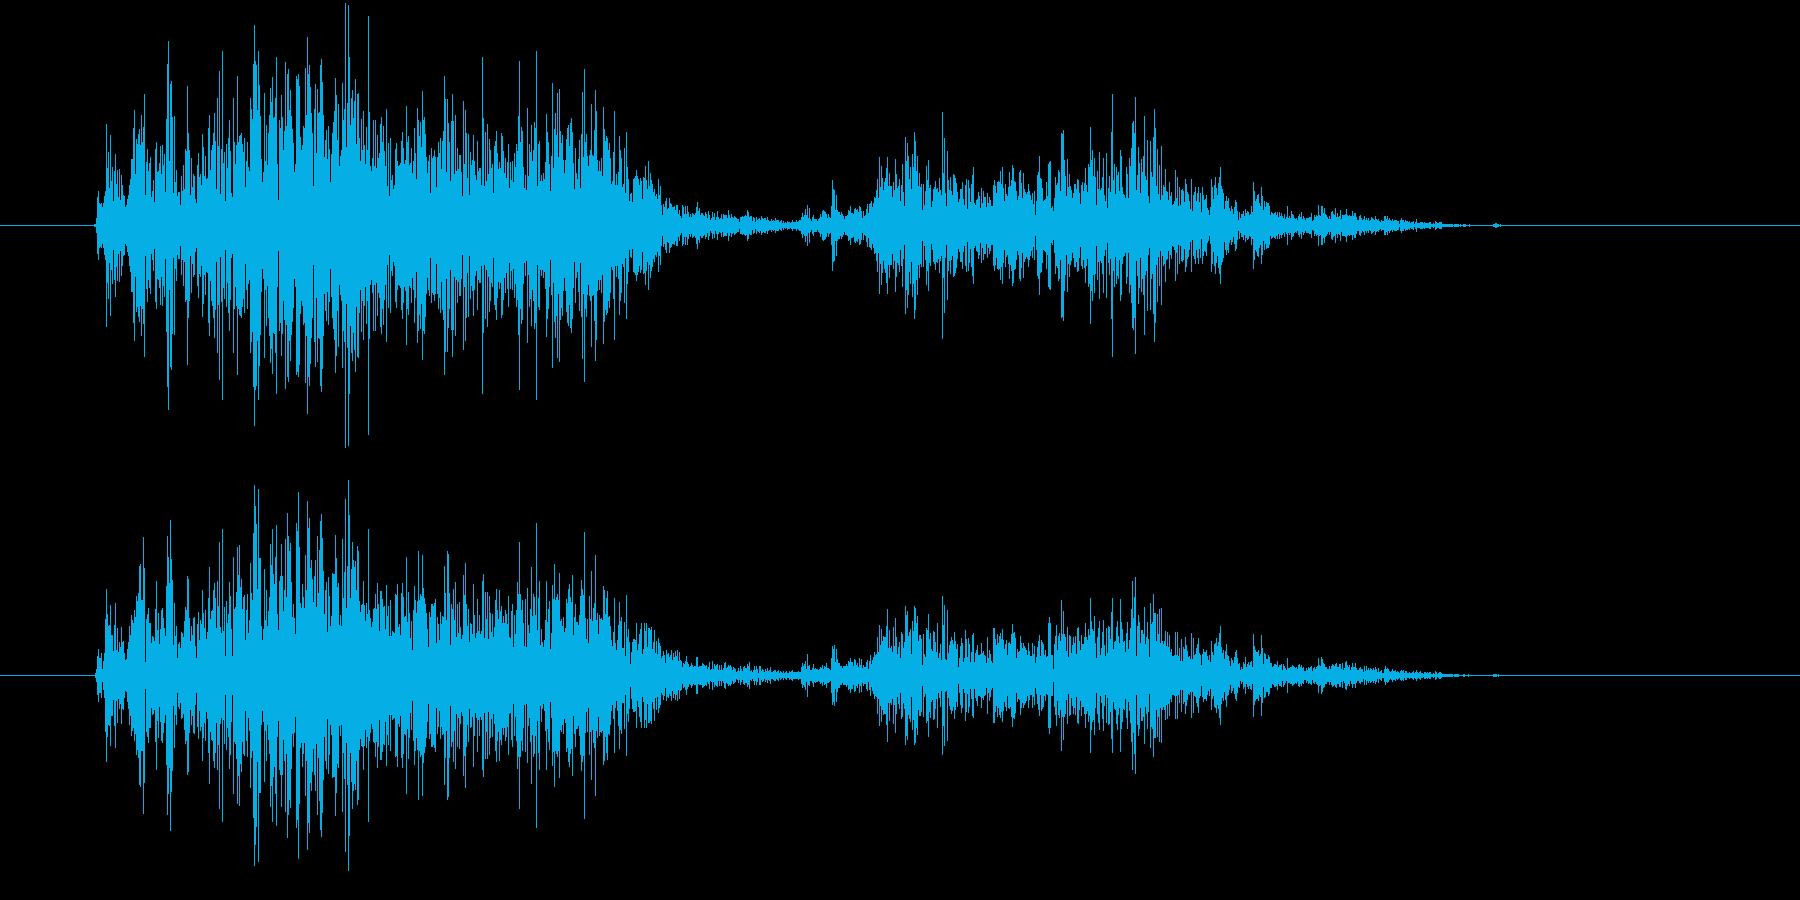 【生録音】スコップでザクッと掘る音の再生済みの波形